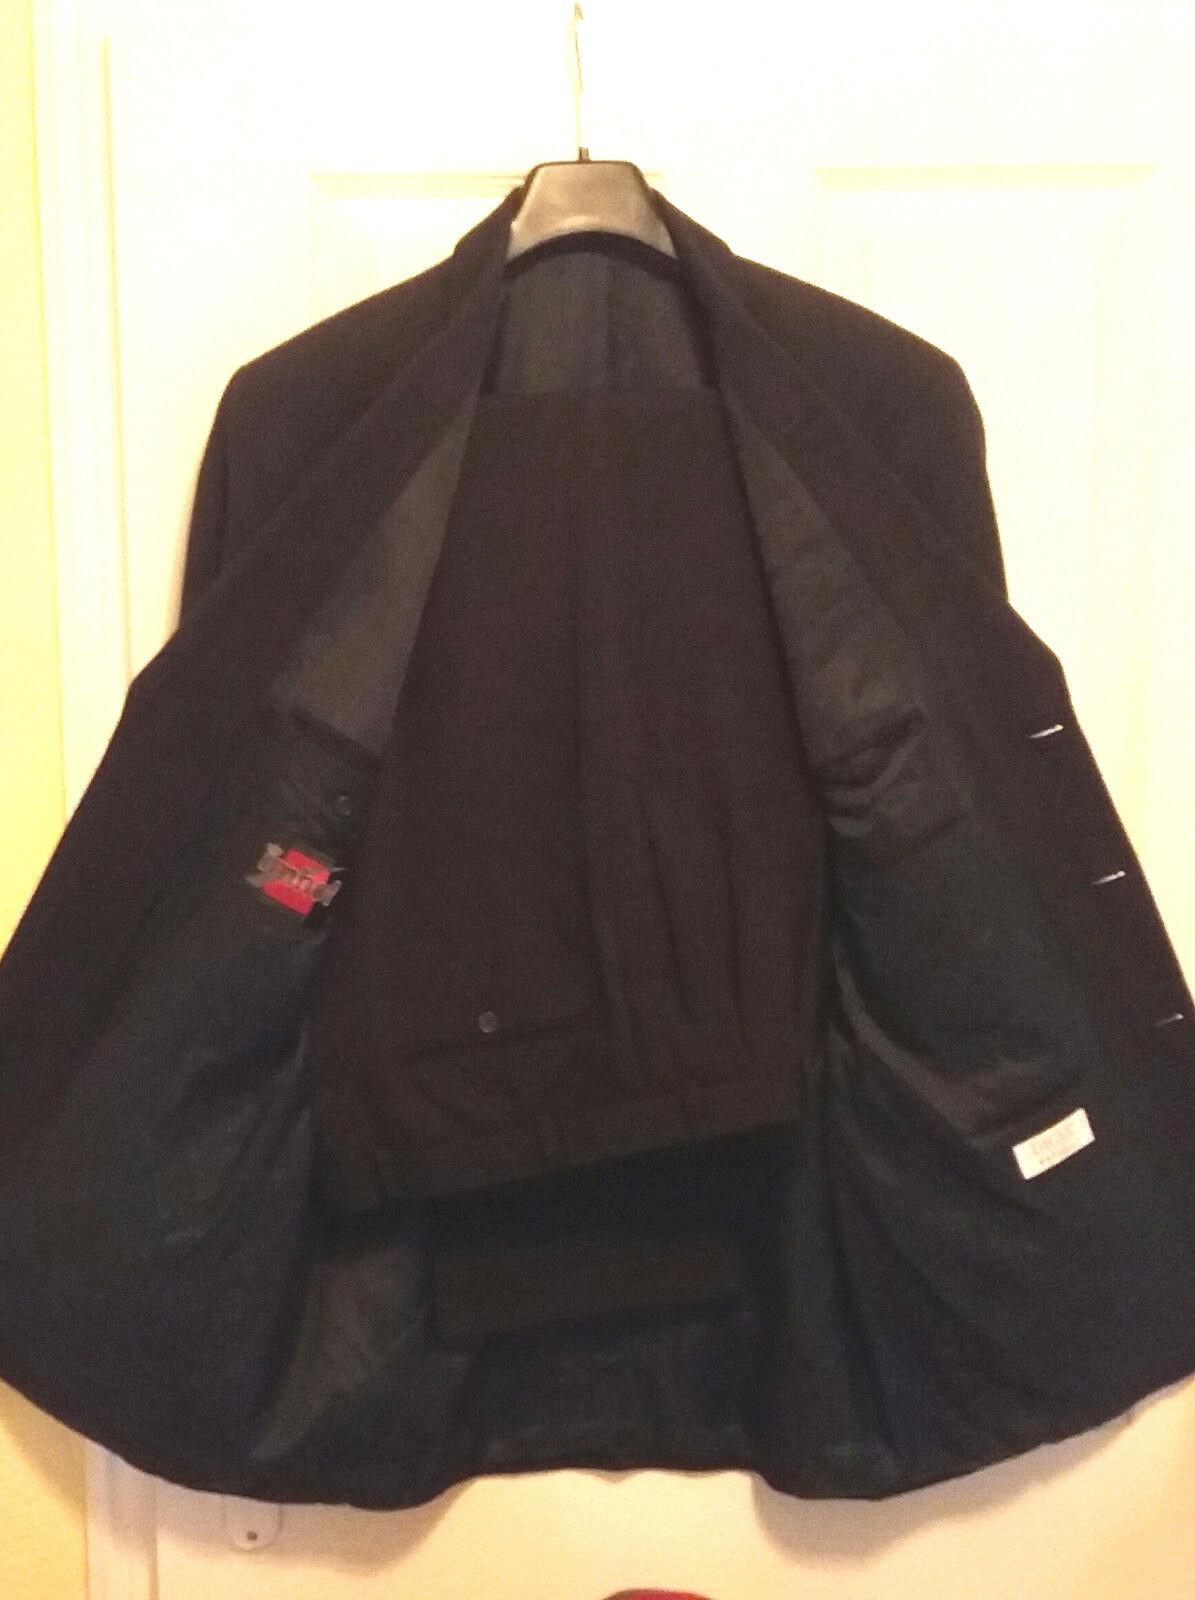 Anzug von DIGEL Variofit Wollm. Blau Größe 106 XL 54 Top Zustand Top Qualität